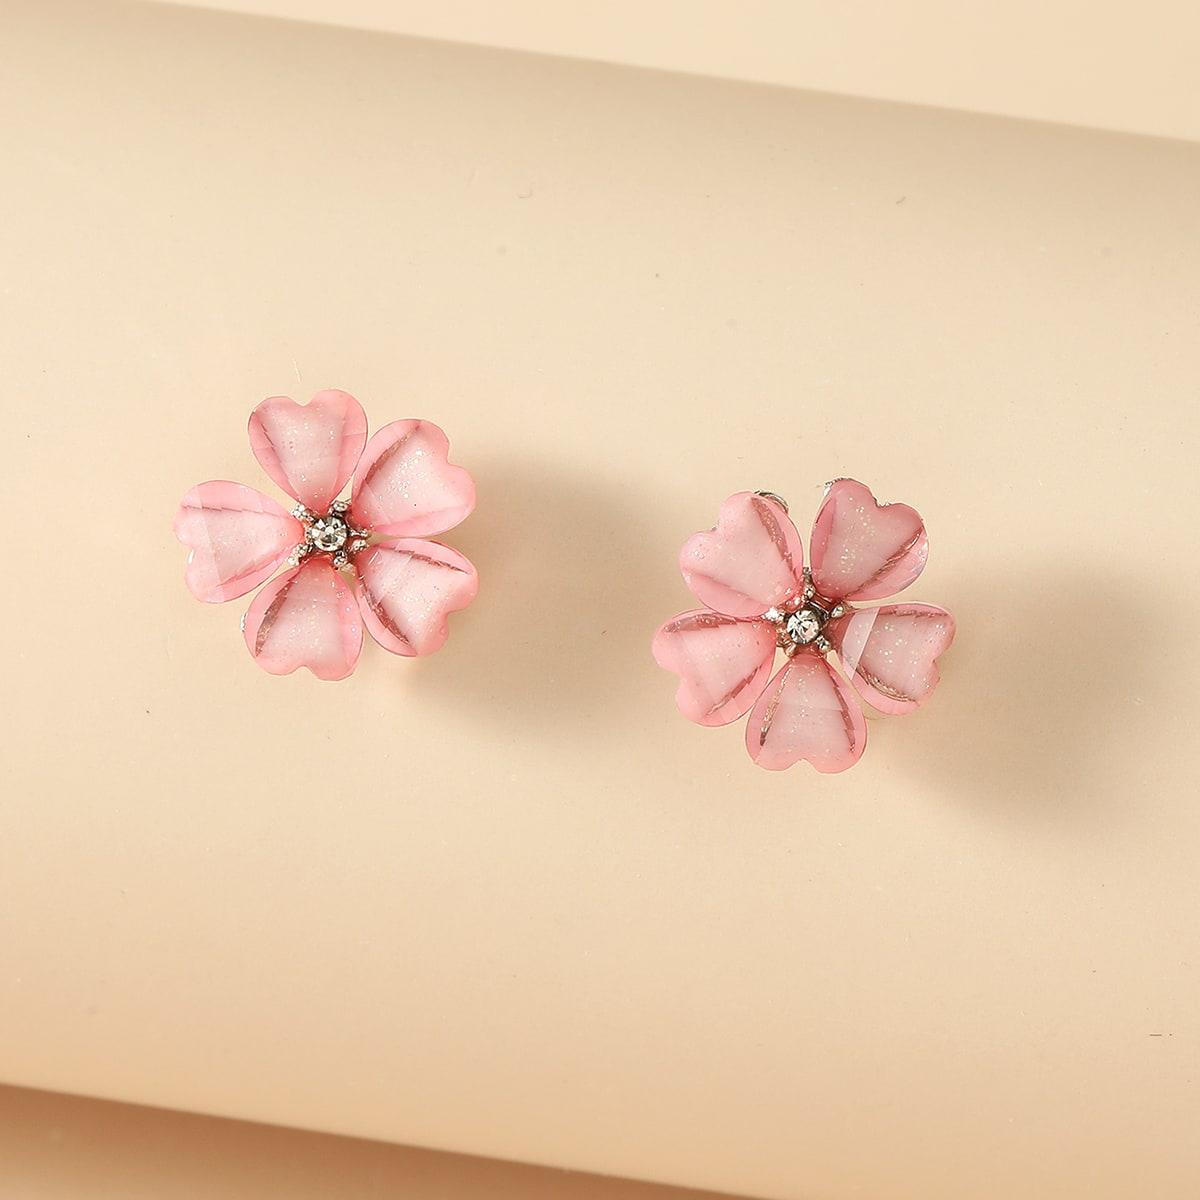 Mädchen Ohrstecker mit Blumen Design